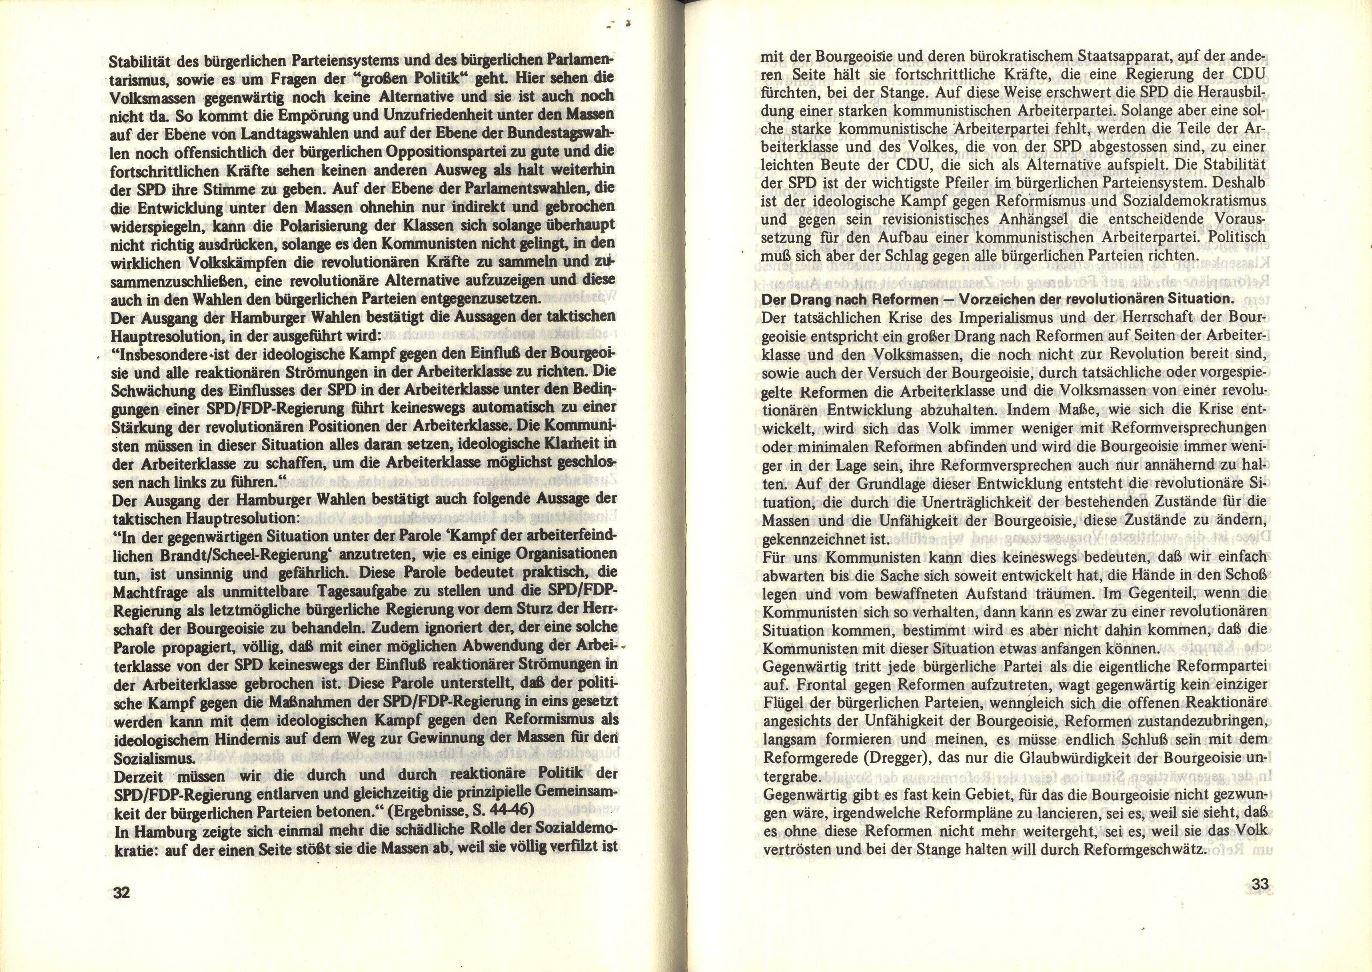 KBW_1974_Politischer_Bericht018